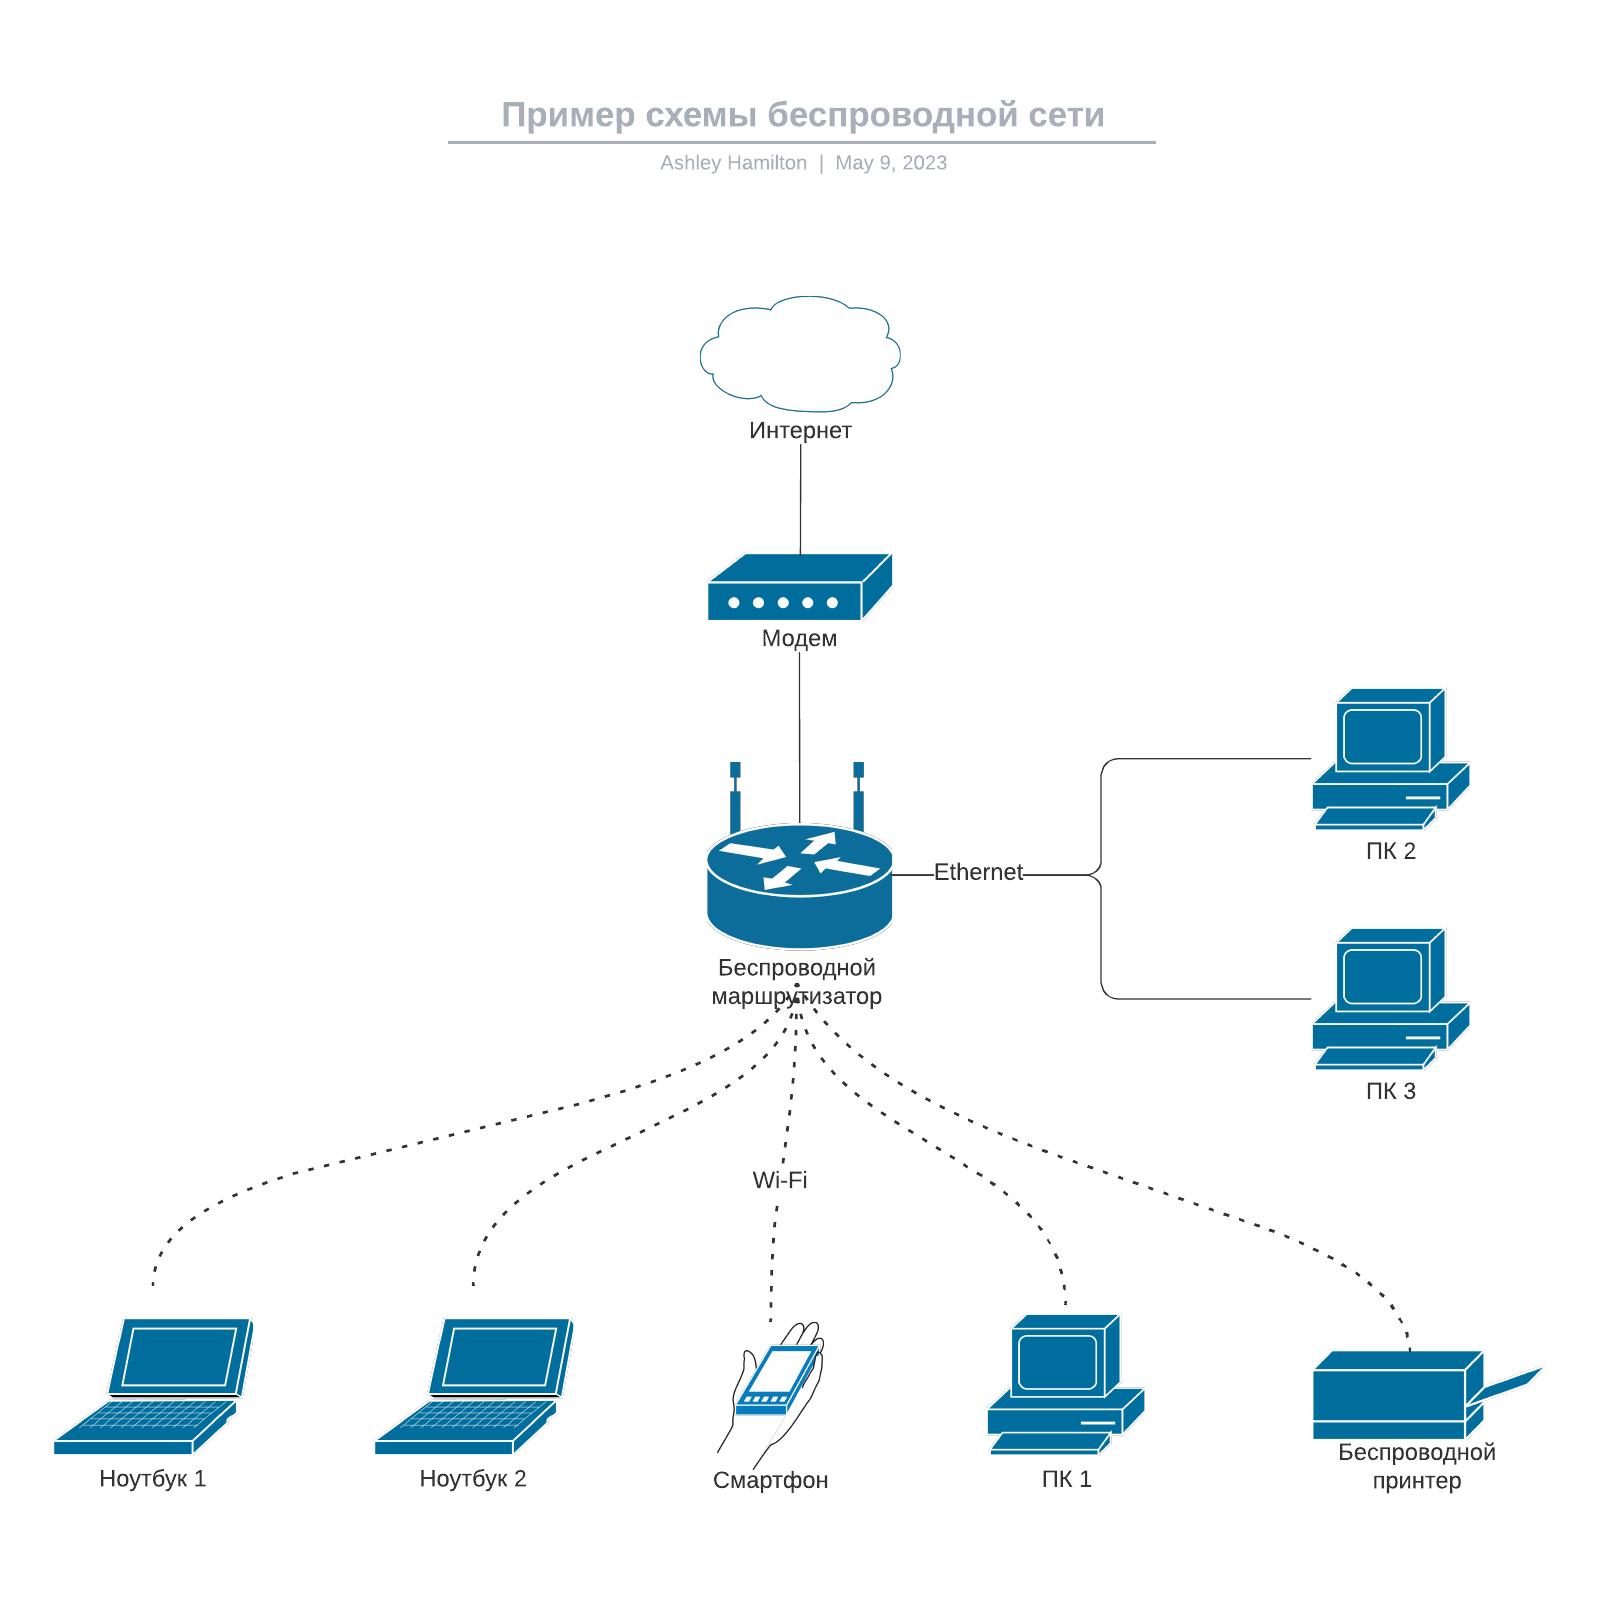 Пример схемы беспроводной сети